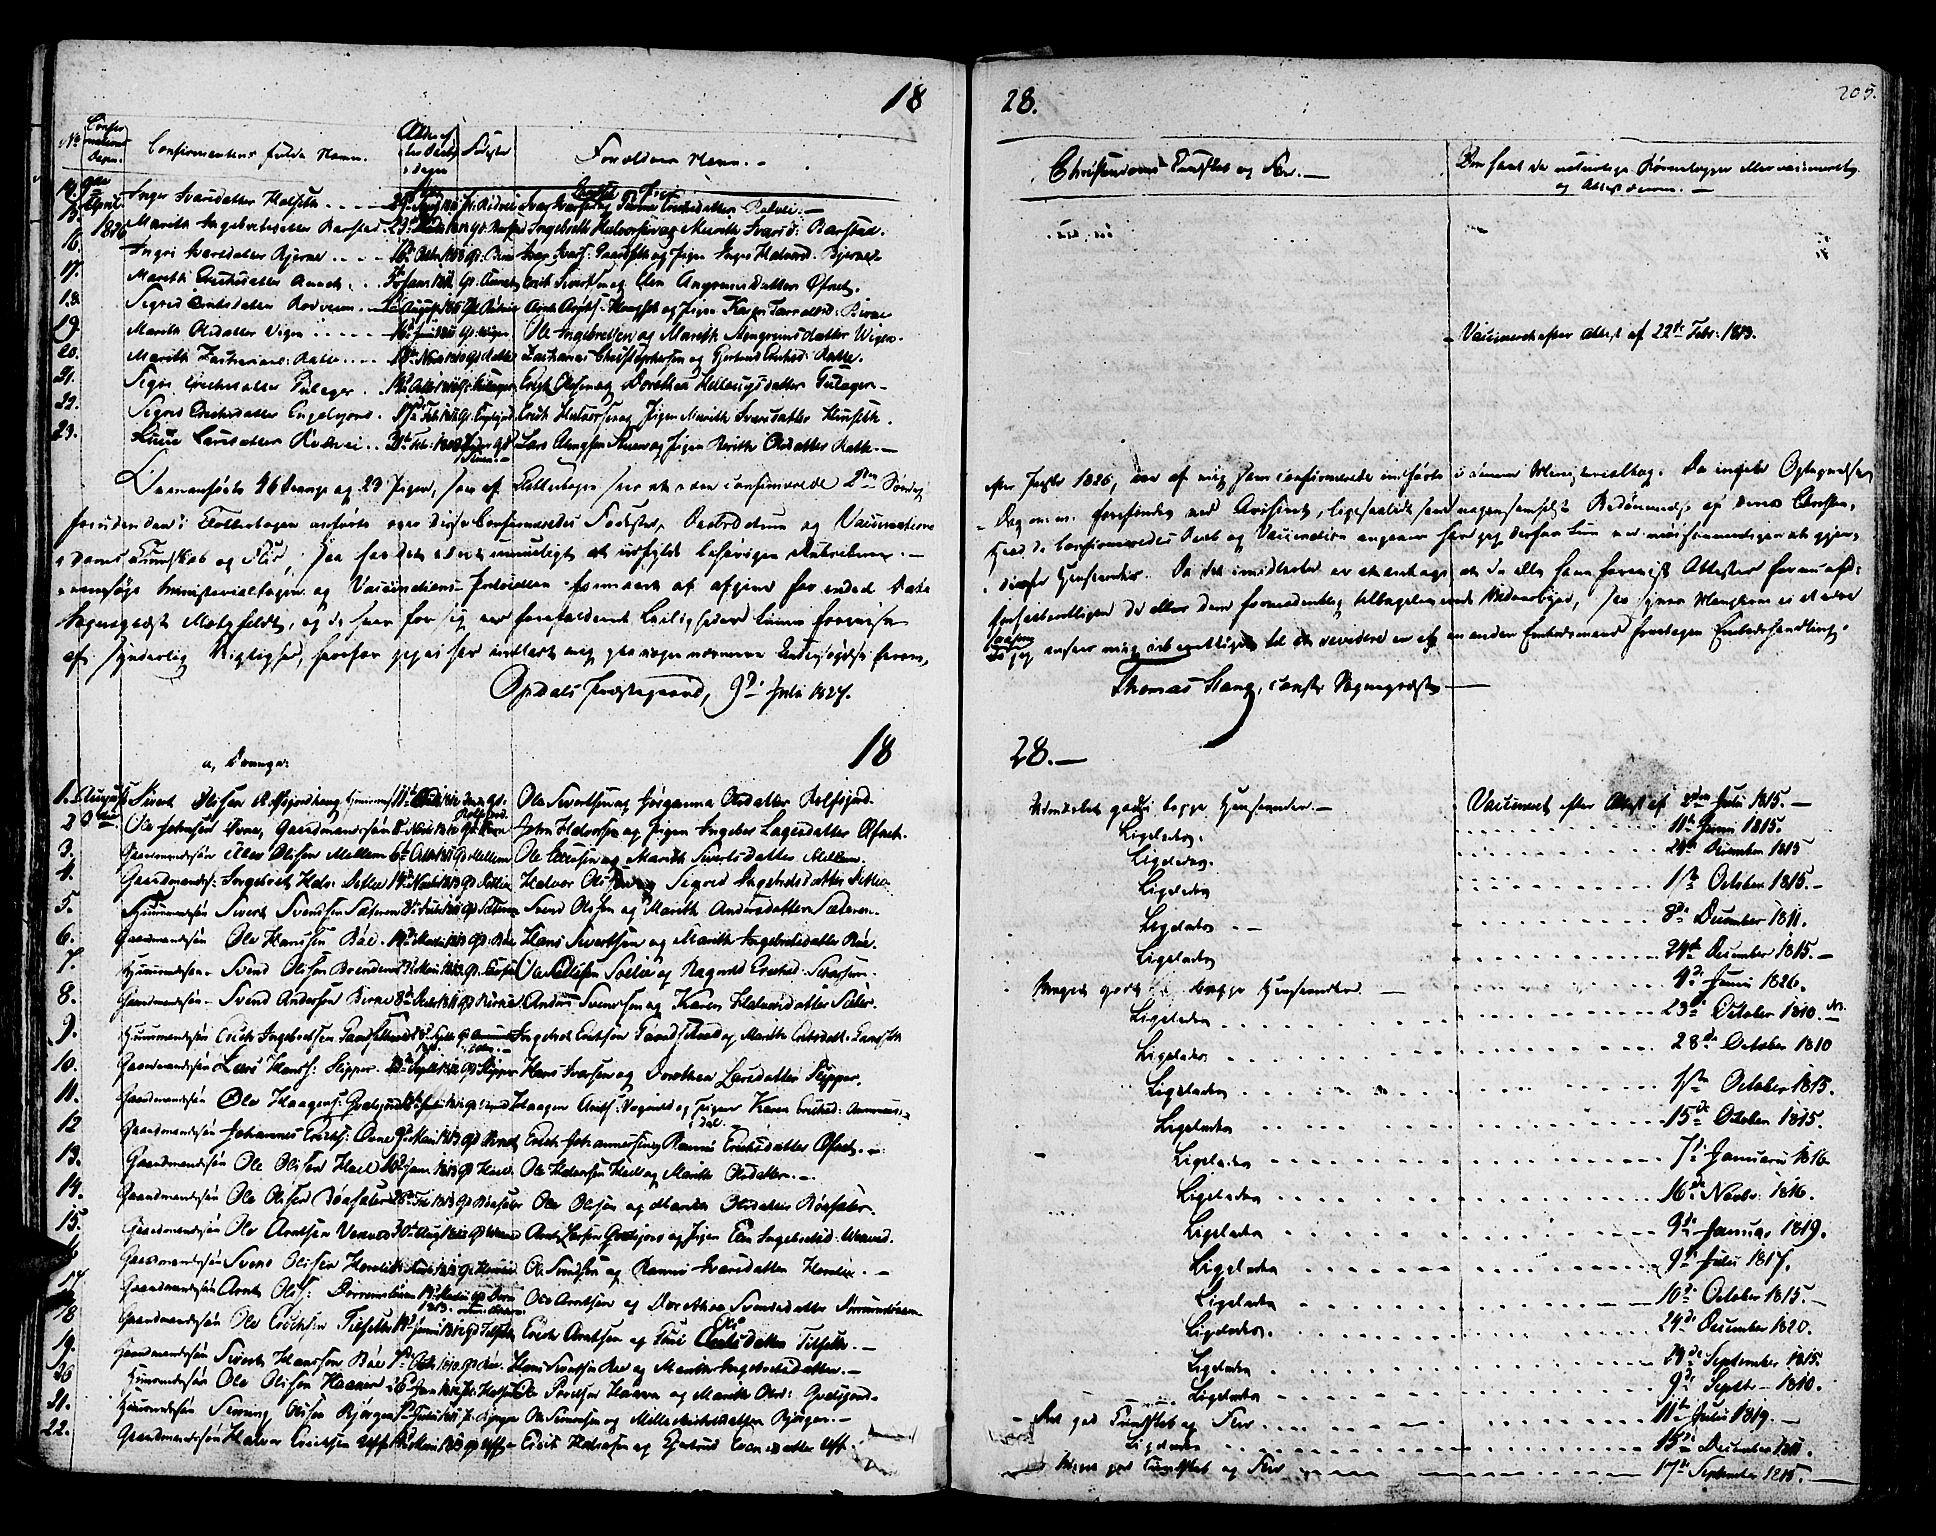 SAT, Ministerialprotokoller, klokkerbøker og fødselsregistre - Sør-Trøndelag, 678/L0897: Ministerialbok nr. 678A06-07, 1821-1847, s. 205